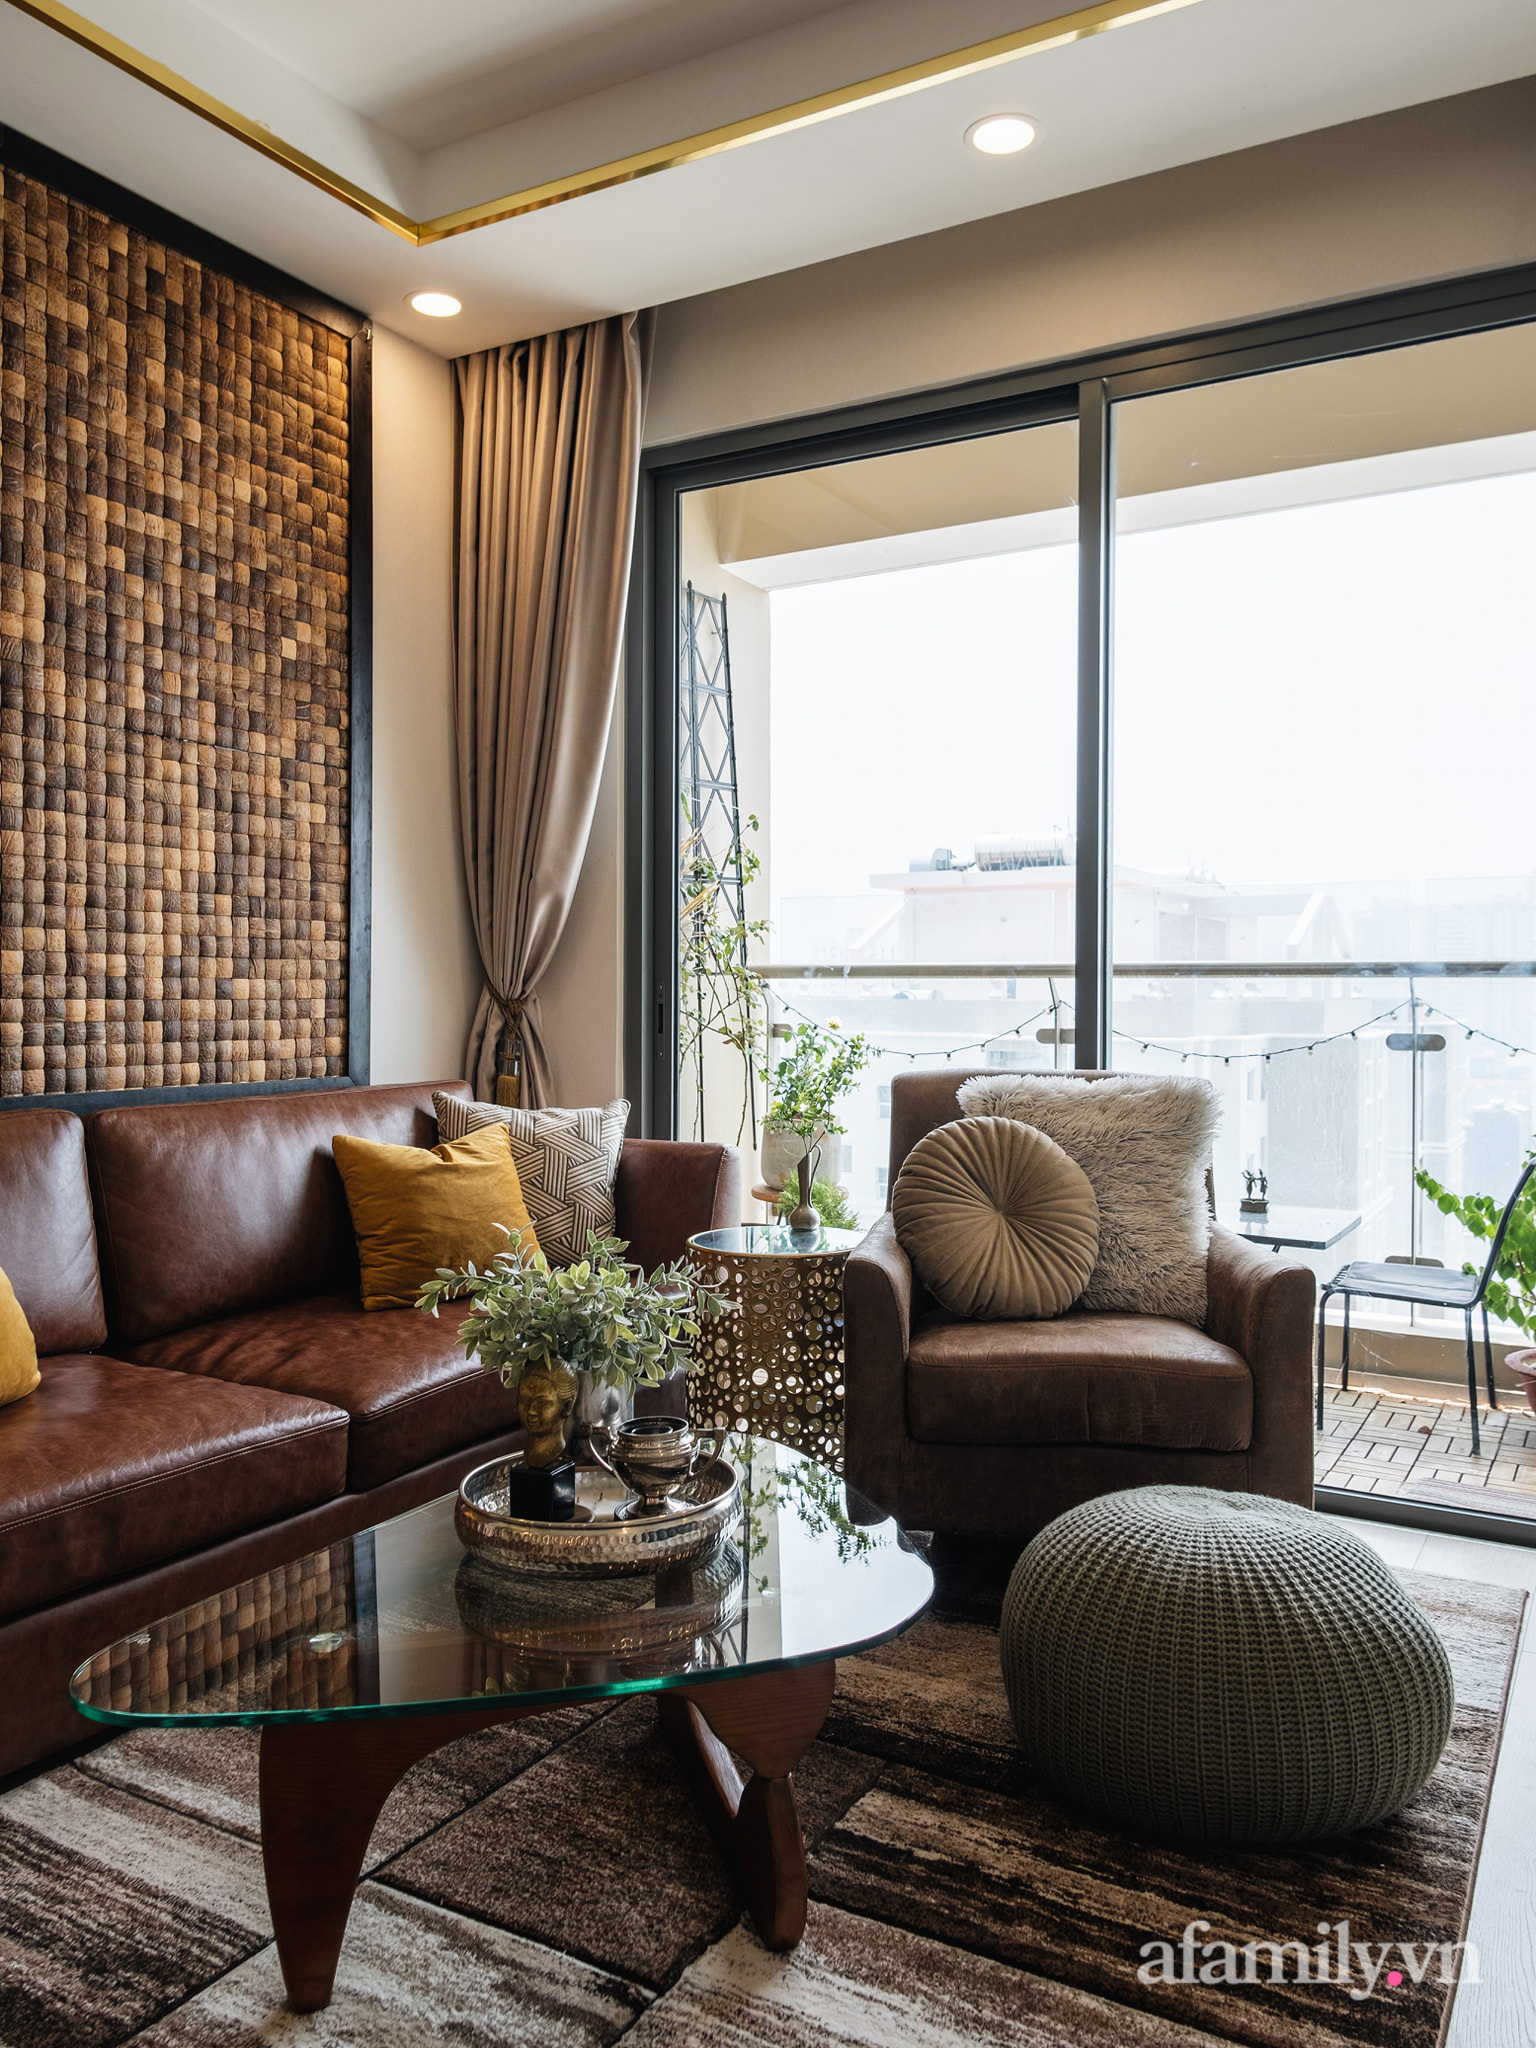 Căn hộ 70m² màu nâu trầm đẹp sang chảnh với chi phí hoàn thiện nội thất 400 triệu đồng ở Sài Gòn - Ảnh 4.